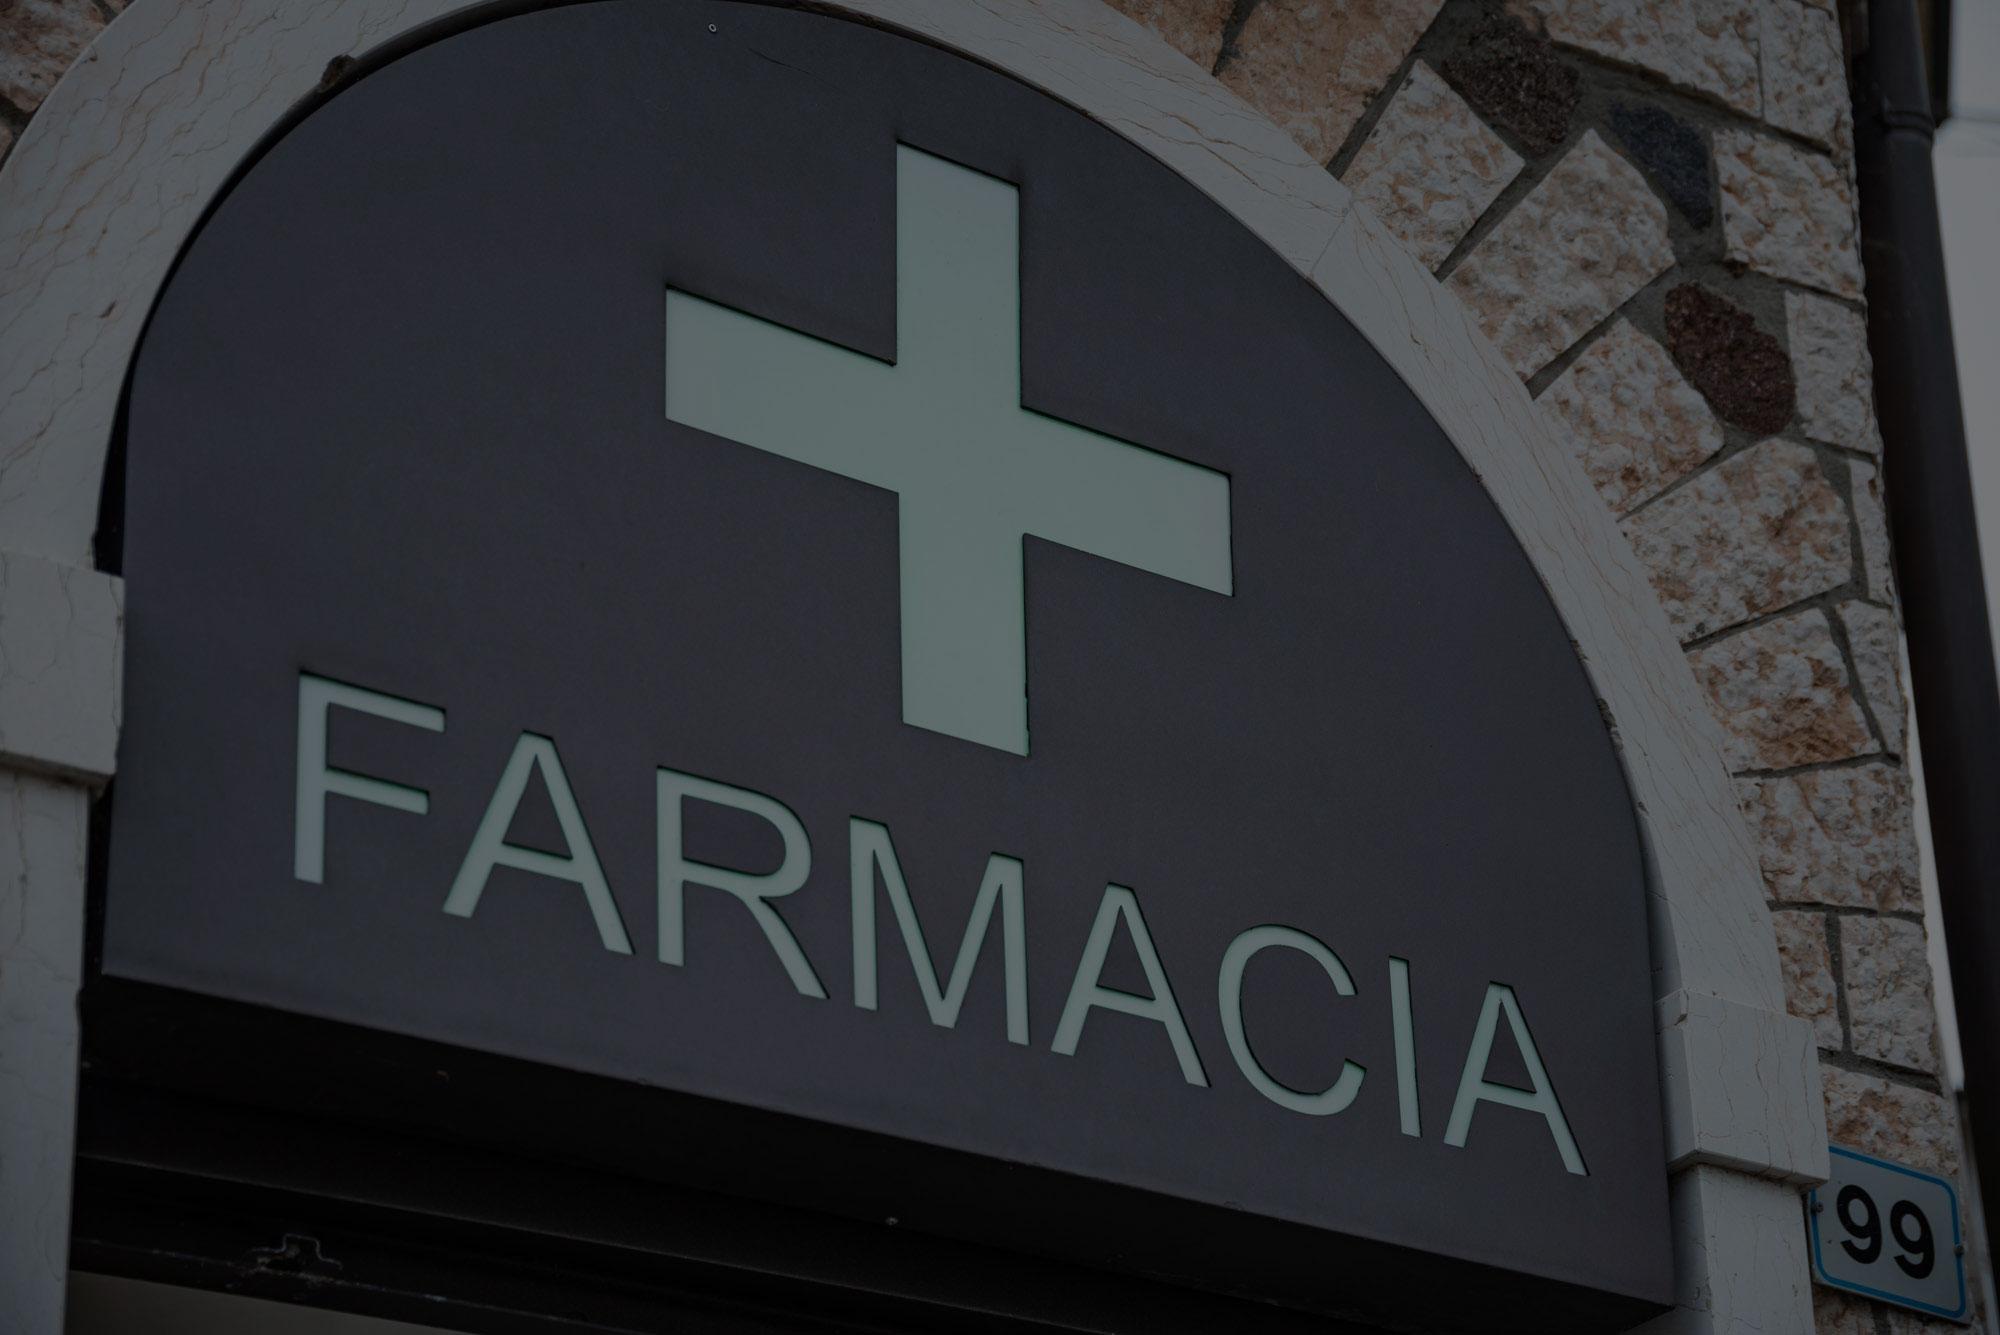 farmacia-cavalcaselle-apoteke-farmacy-Ponti-Monzanbano-Sirmione-Pacengo-Lazise-Salionze-Valeggio-Castelnuovo-del-Garda-Peschiera-del-garda